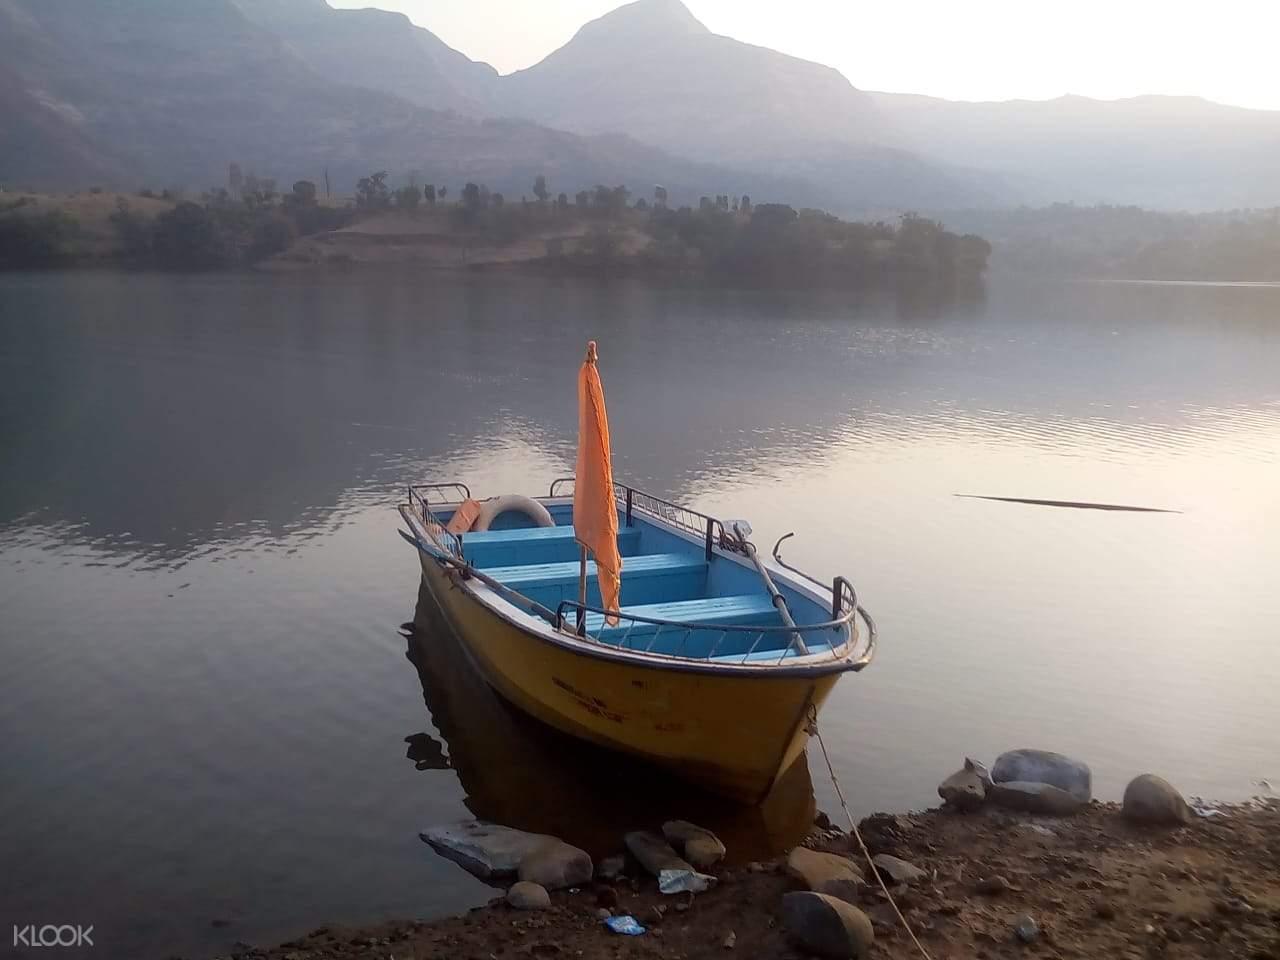 lake boat in india